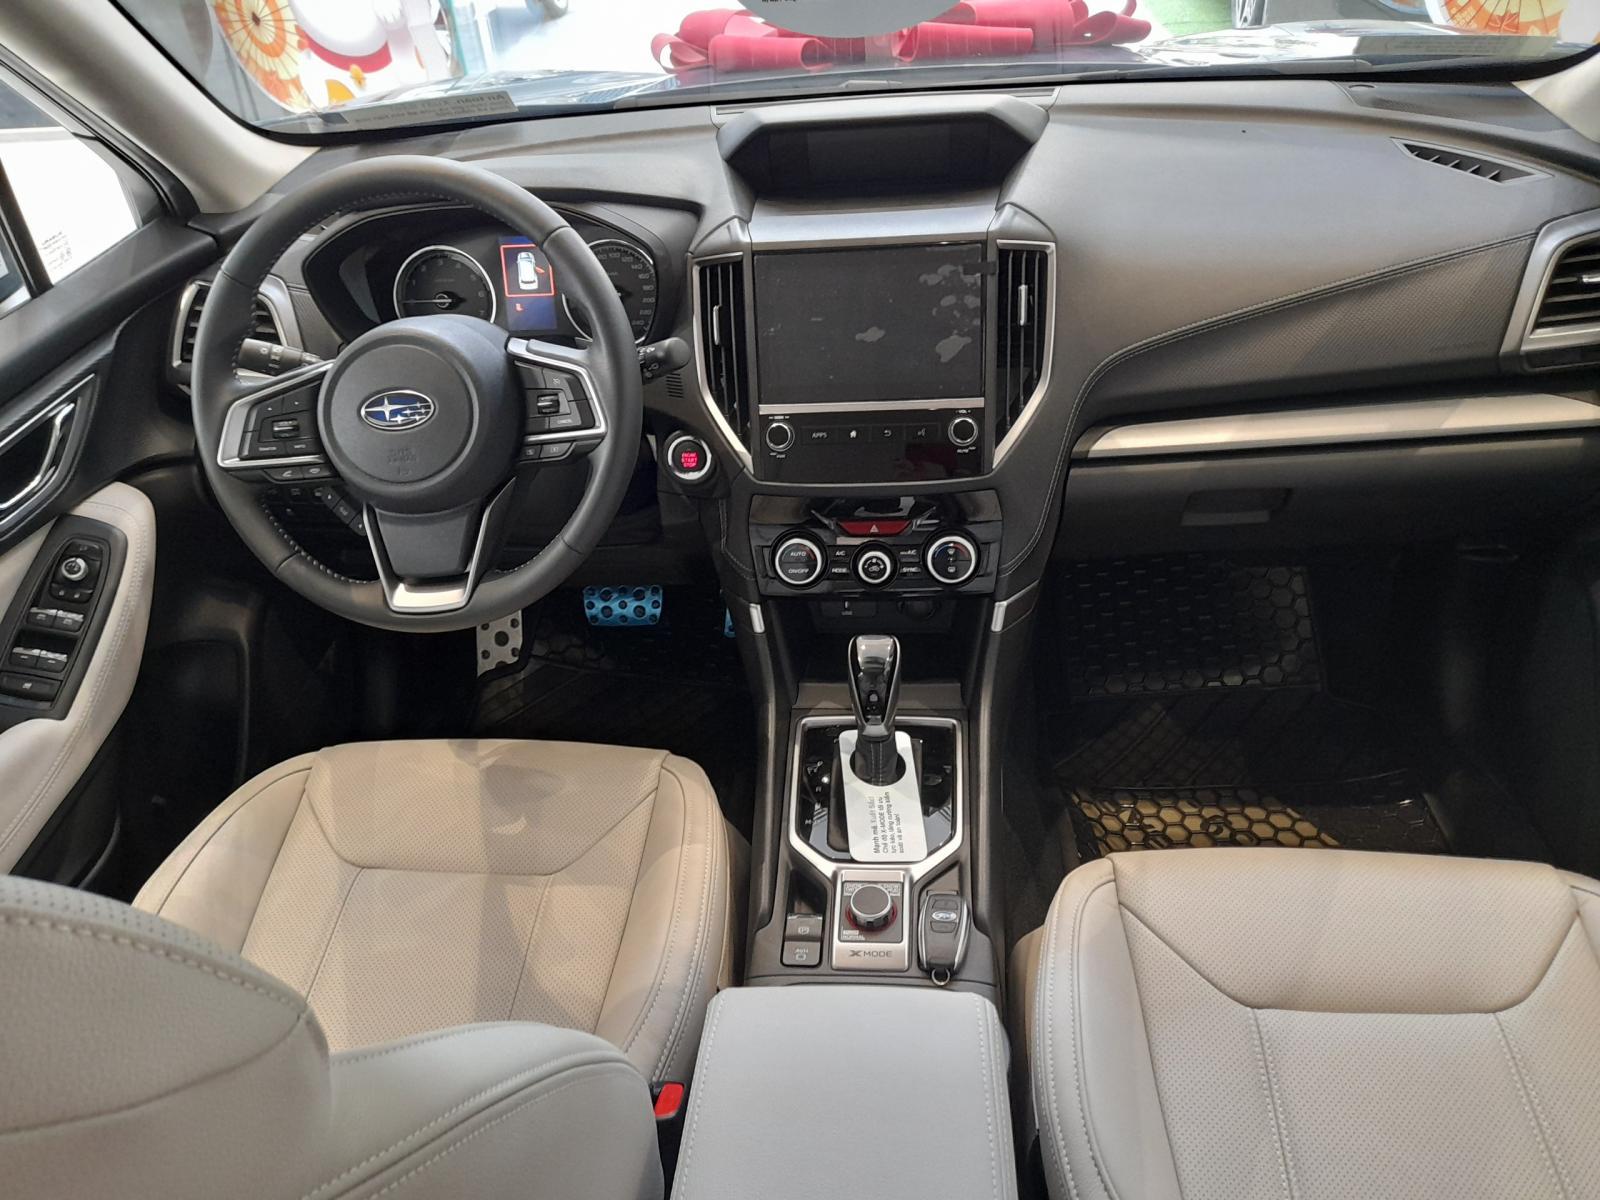 Giá Subaru Forester - Khuyến mãi khủng - Giao ngay